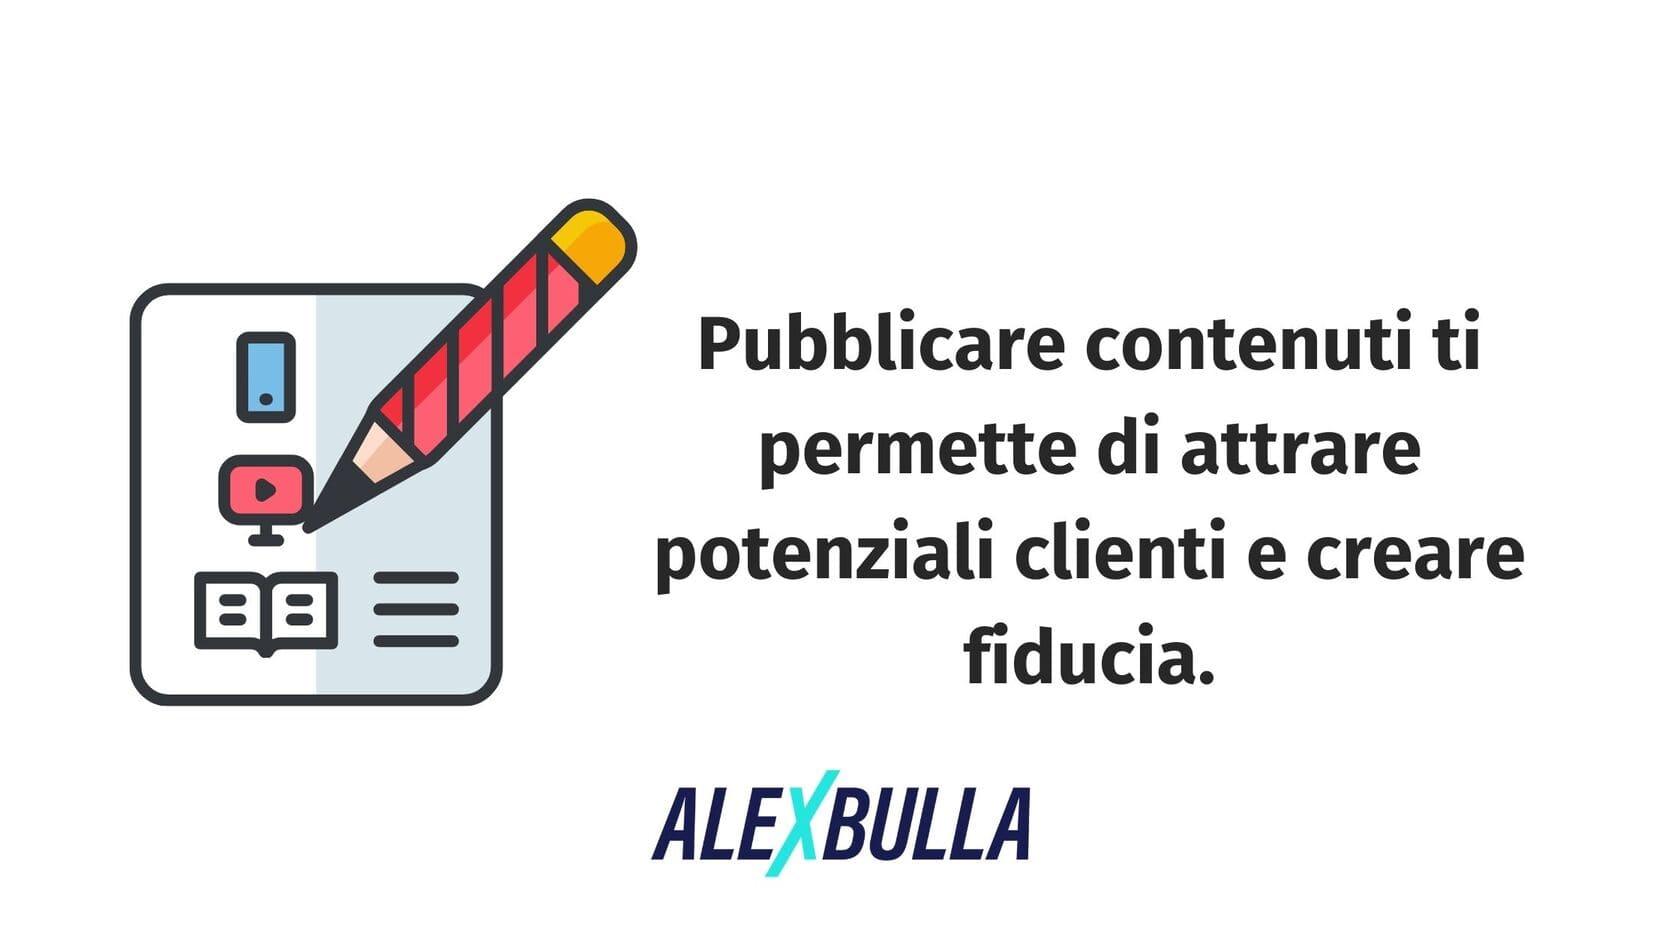 pubblicare contenuti per attrarre potenziali clienti sui social media